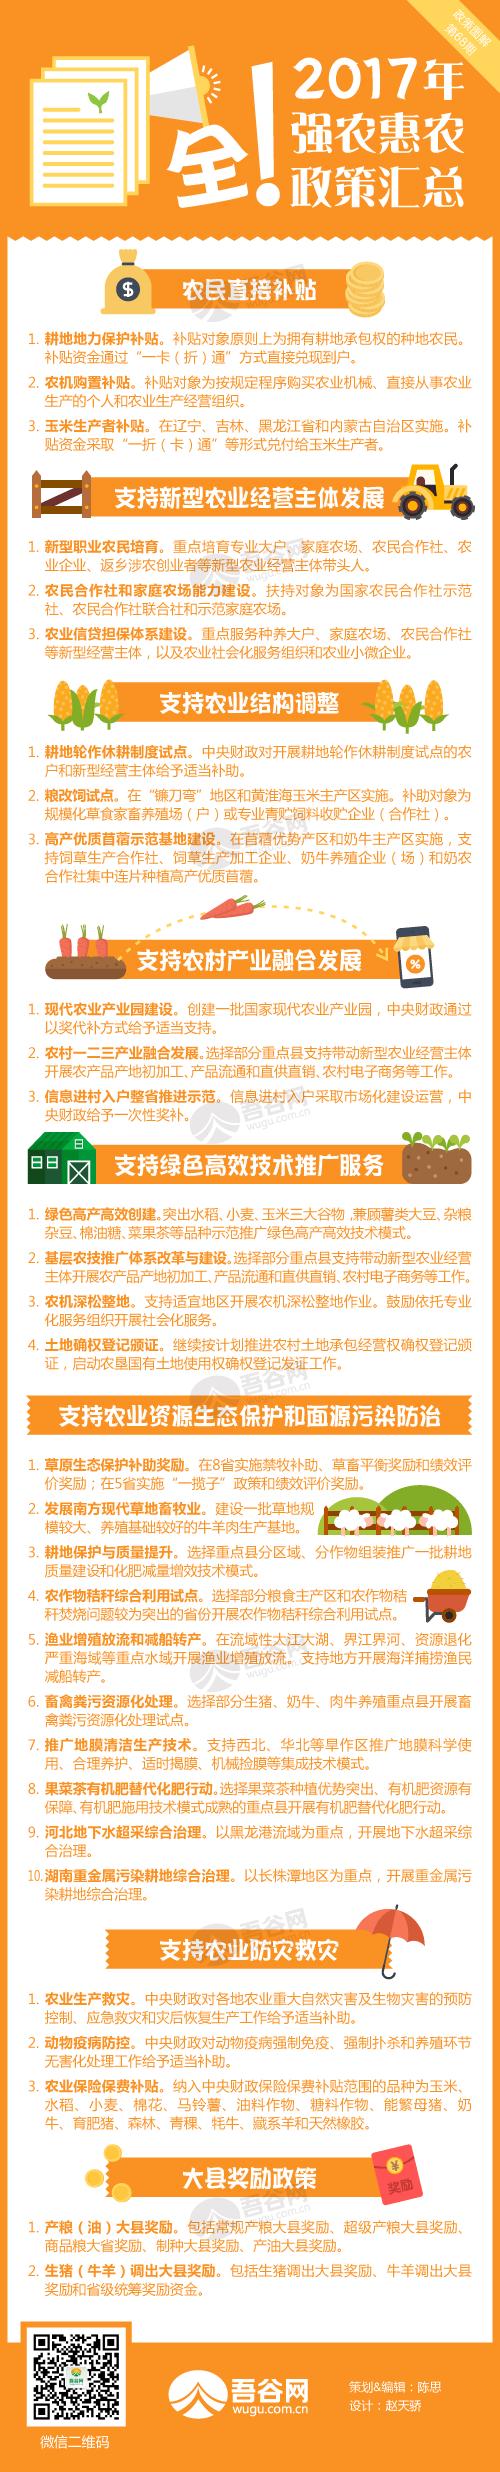 20170324(第68期)全!2017年强农惠农政策汇总-500px.png